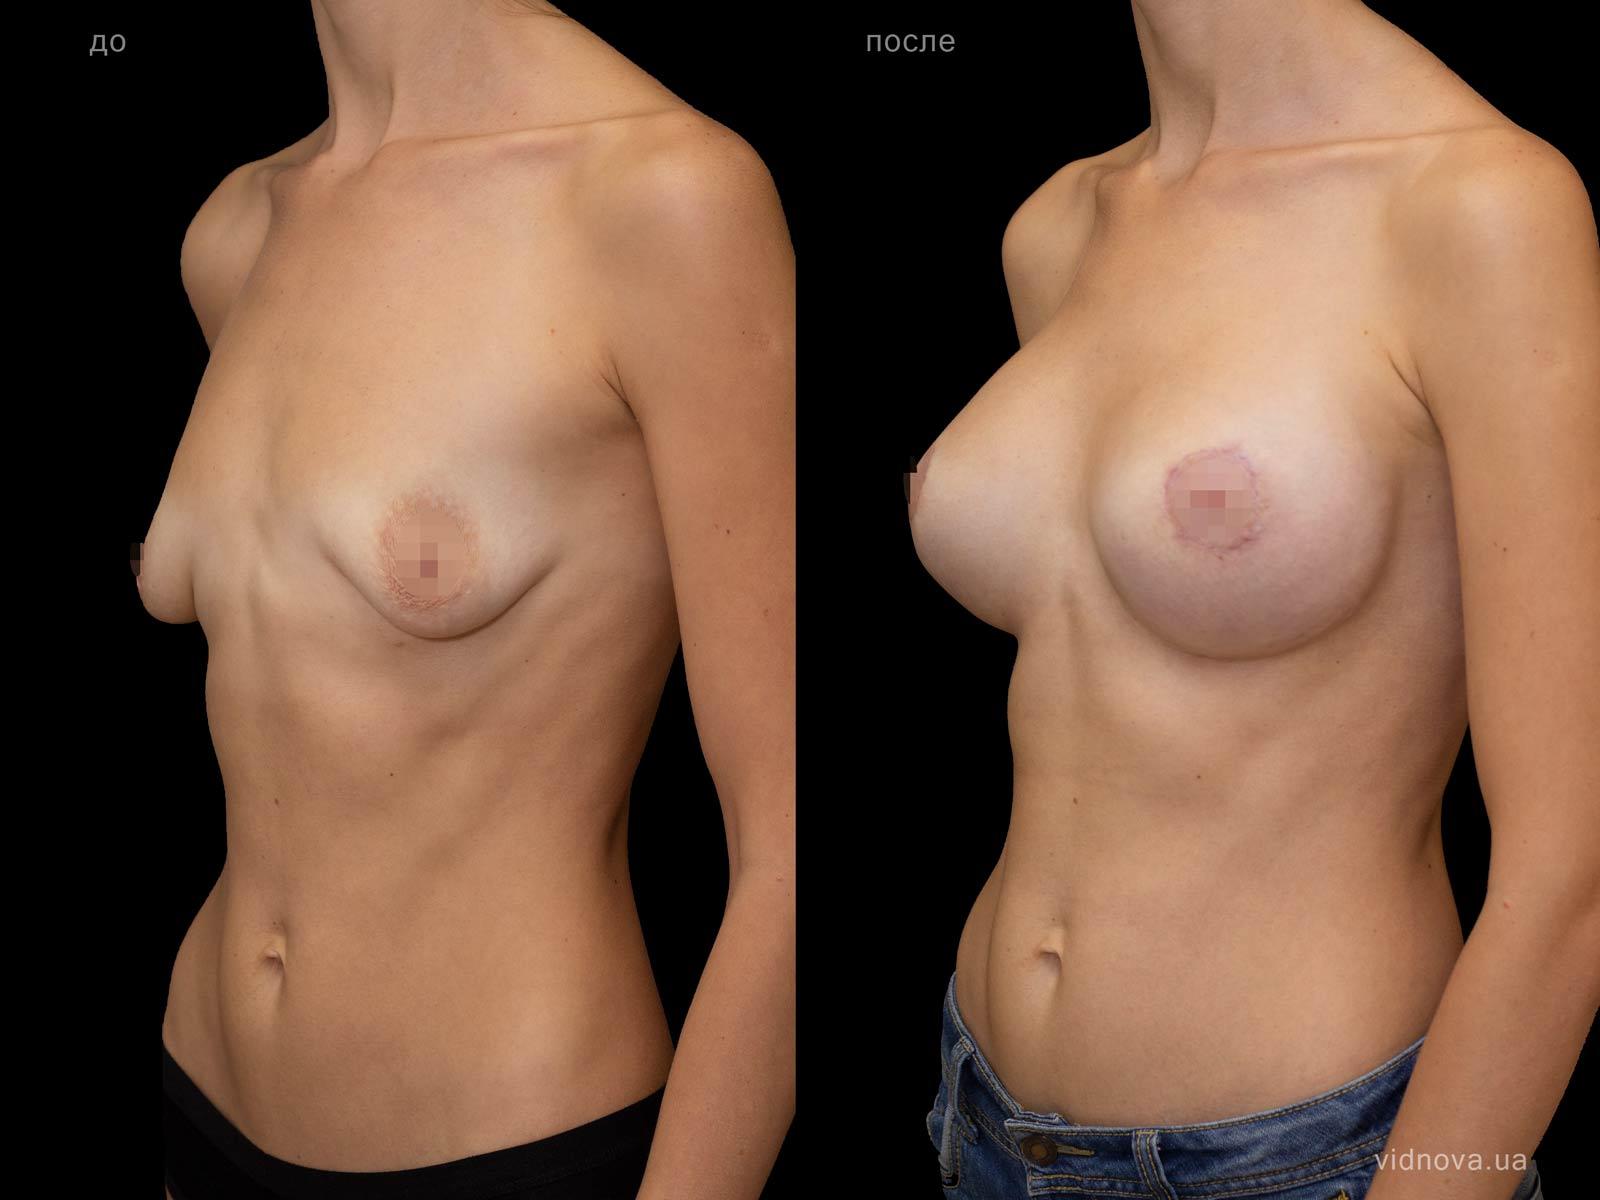 Пластика груди: результаты до и после - Пример №98-1 - Светлана Работенко